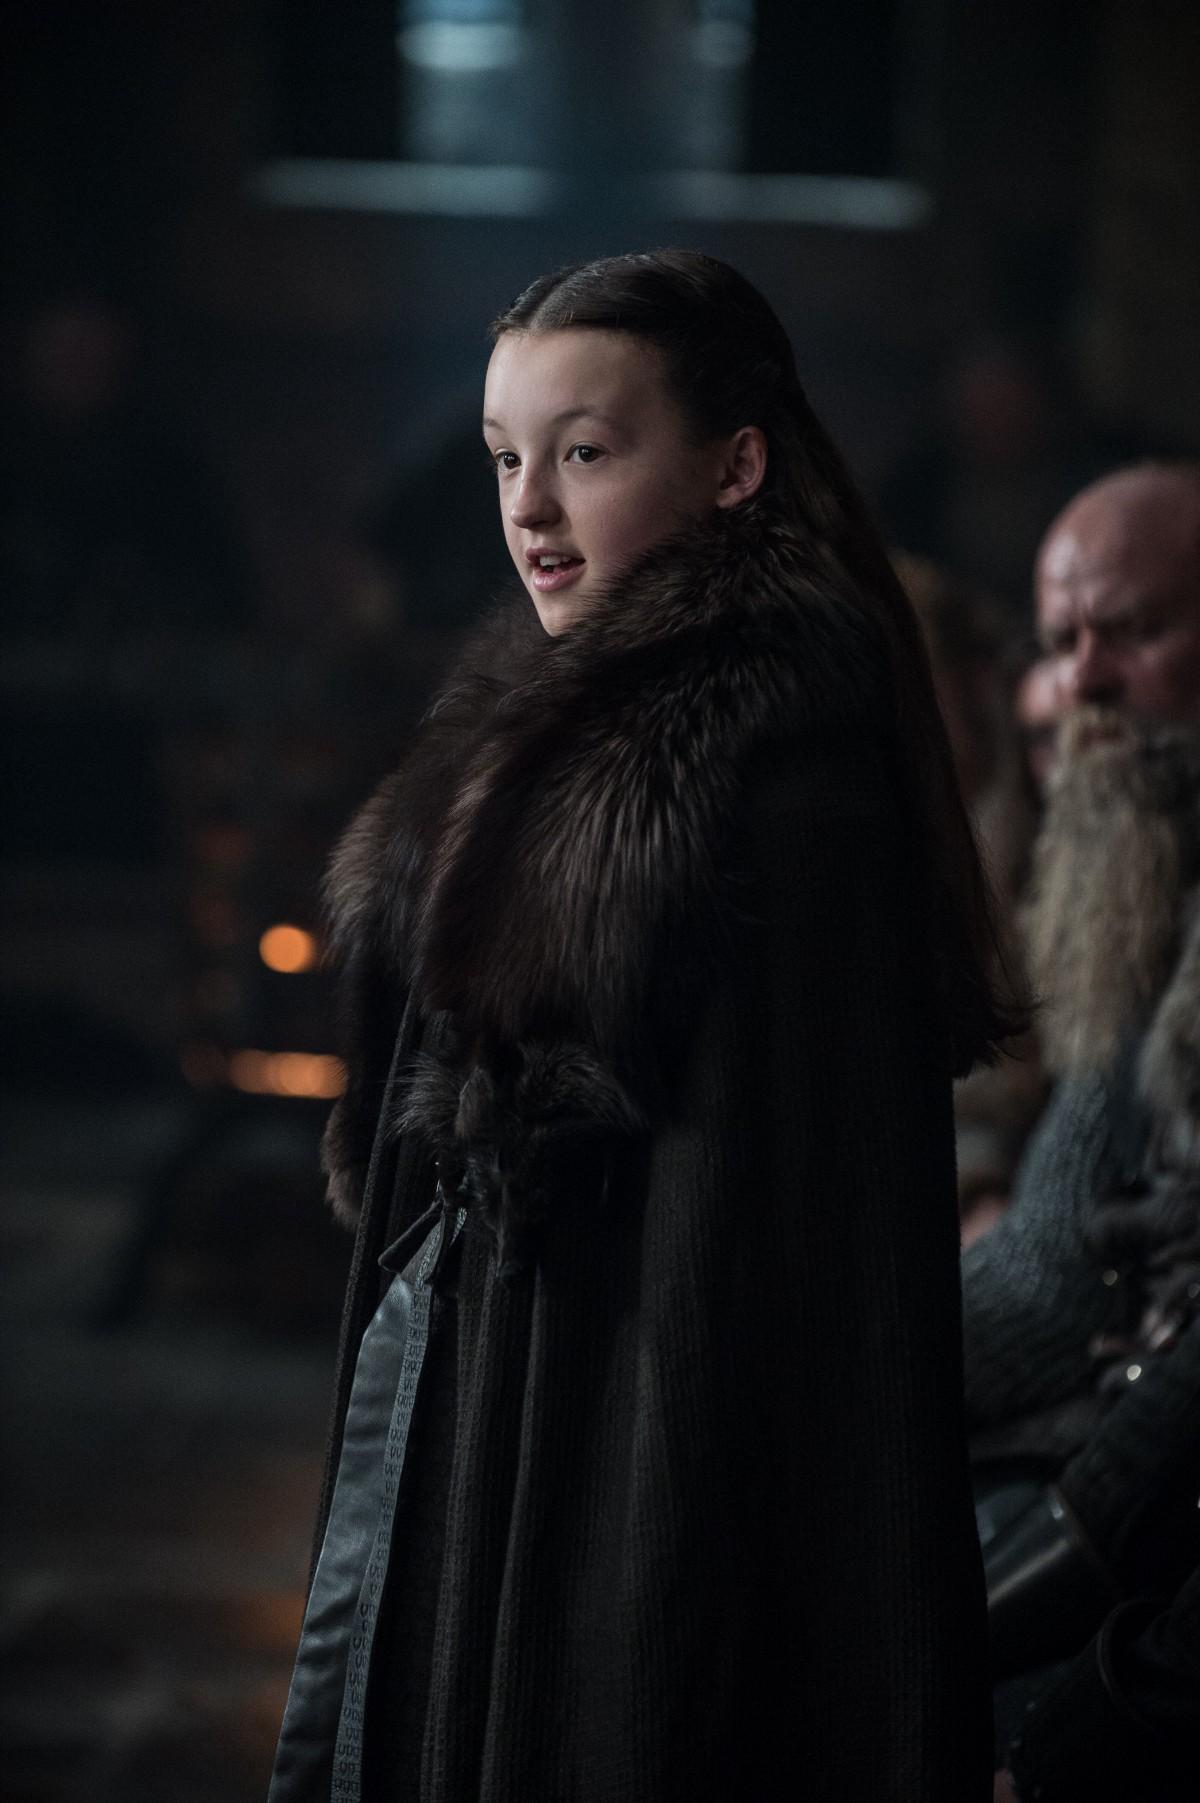 Il Trono di Spade: Bella Ramsey in una foto di Dragonstone